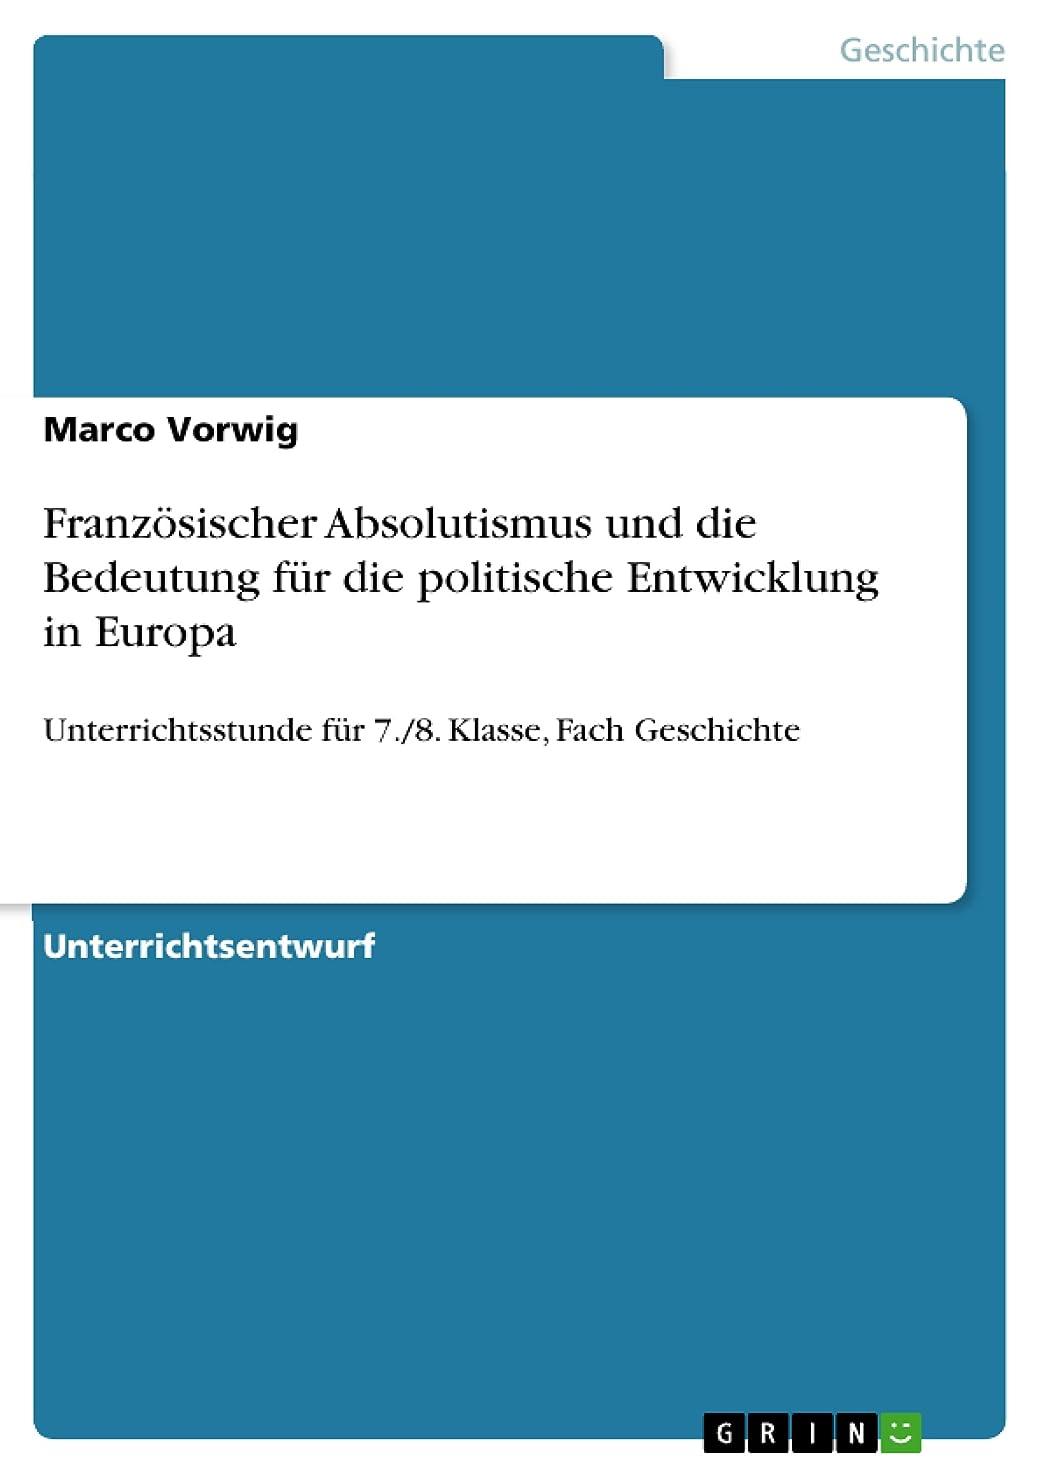 軍団スタウト優先Franz?sischer Absolutismus und die Bedeutung für die politische Entwicklung in Europa: Unterrichtsstunde für 7./8. Klasse, Fach Geschichte (German Edition)